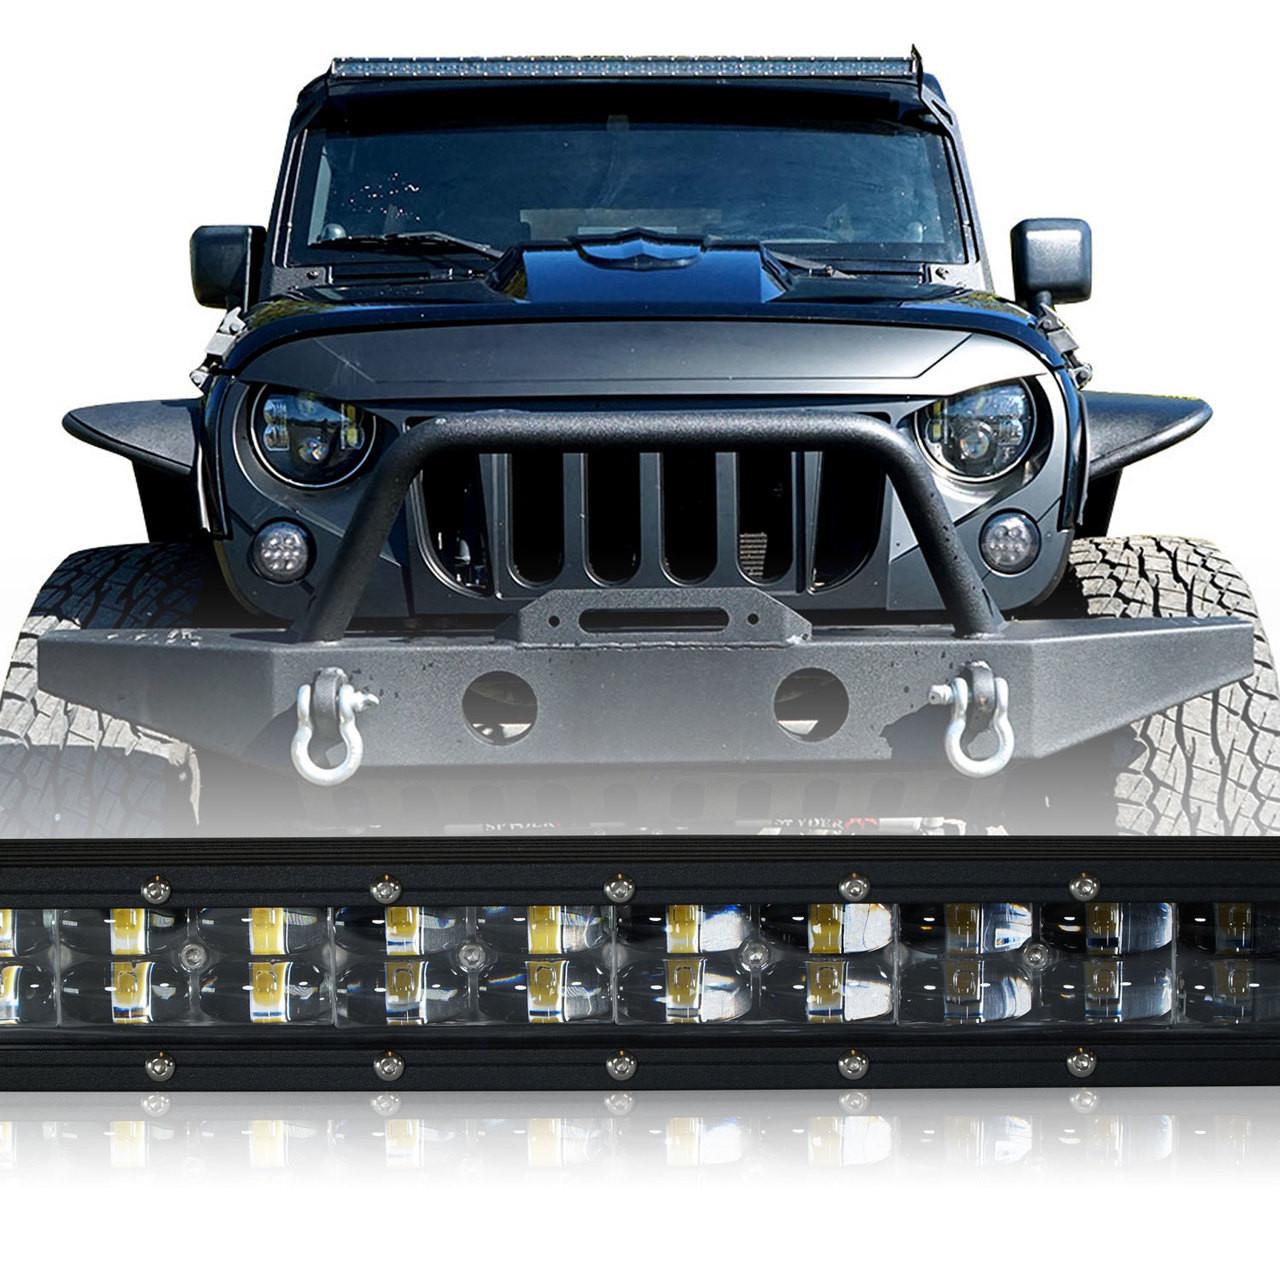 LED Light Bar 288W 50 Inches Bracket Wiring Harness Kit for Wrangler